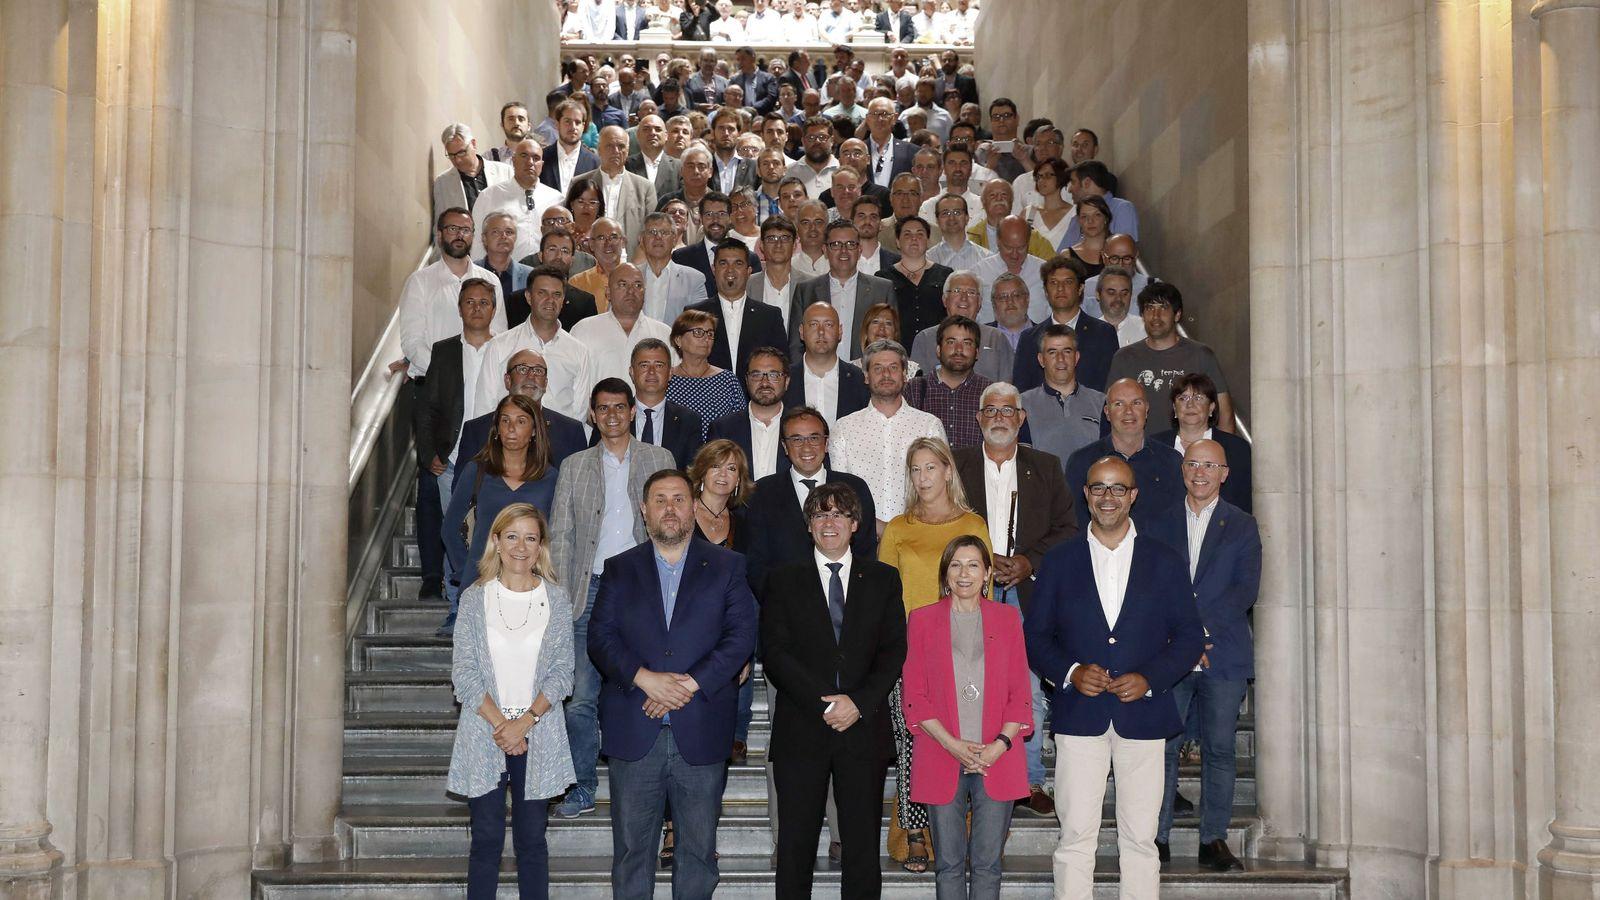 Foto: Carles Puigdemont, Oriol Junqueras y Carme Forcadell, en el acto de compromiso de los municipios catalanes por el referéndum, este 1 de julio en Barcelona. (EFE)